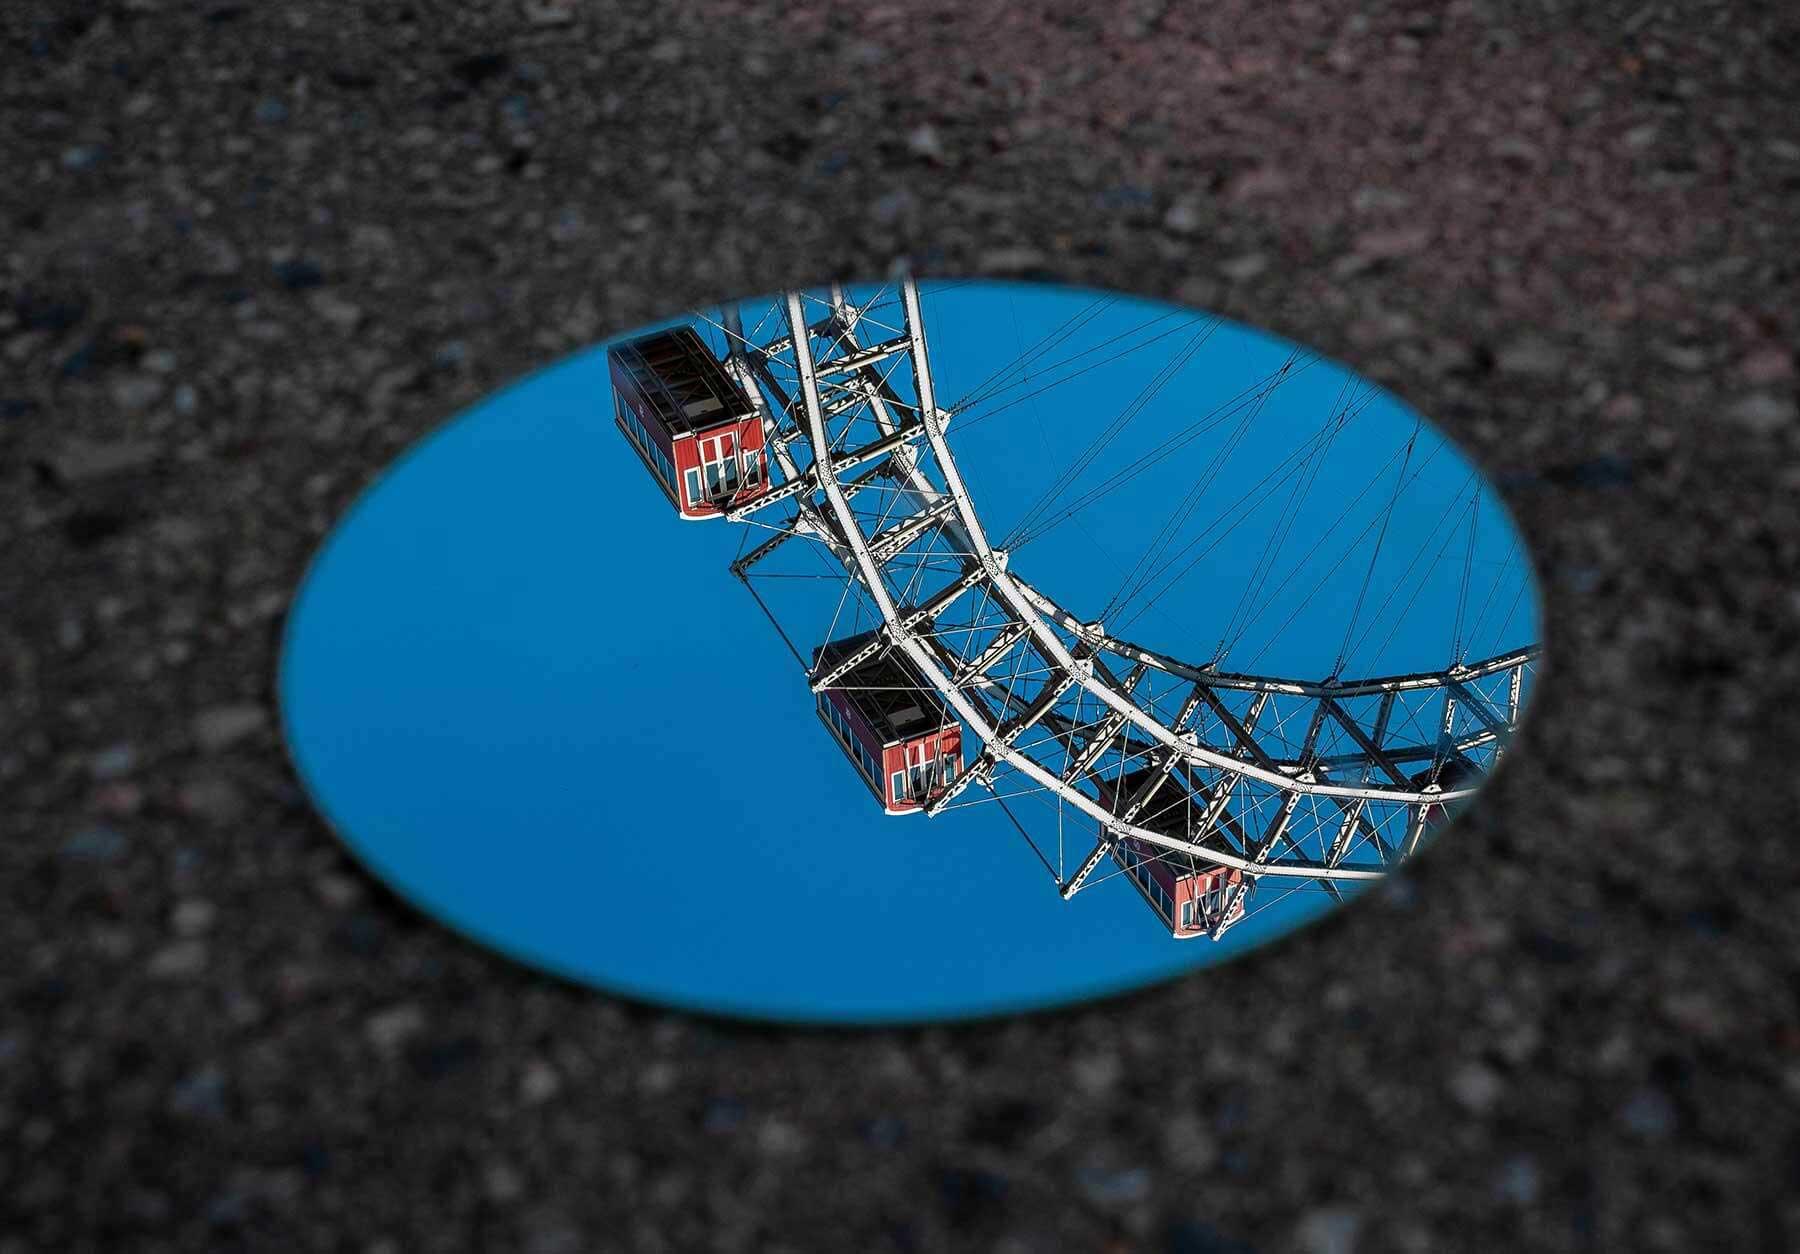 Bilderparade DXV LangweileDich.net_Bilderparade_DXV_01